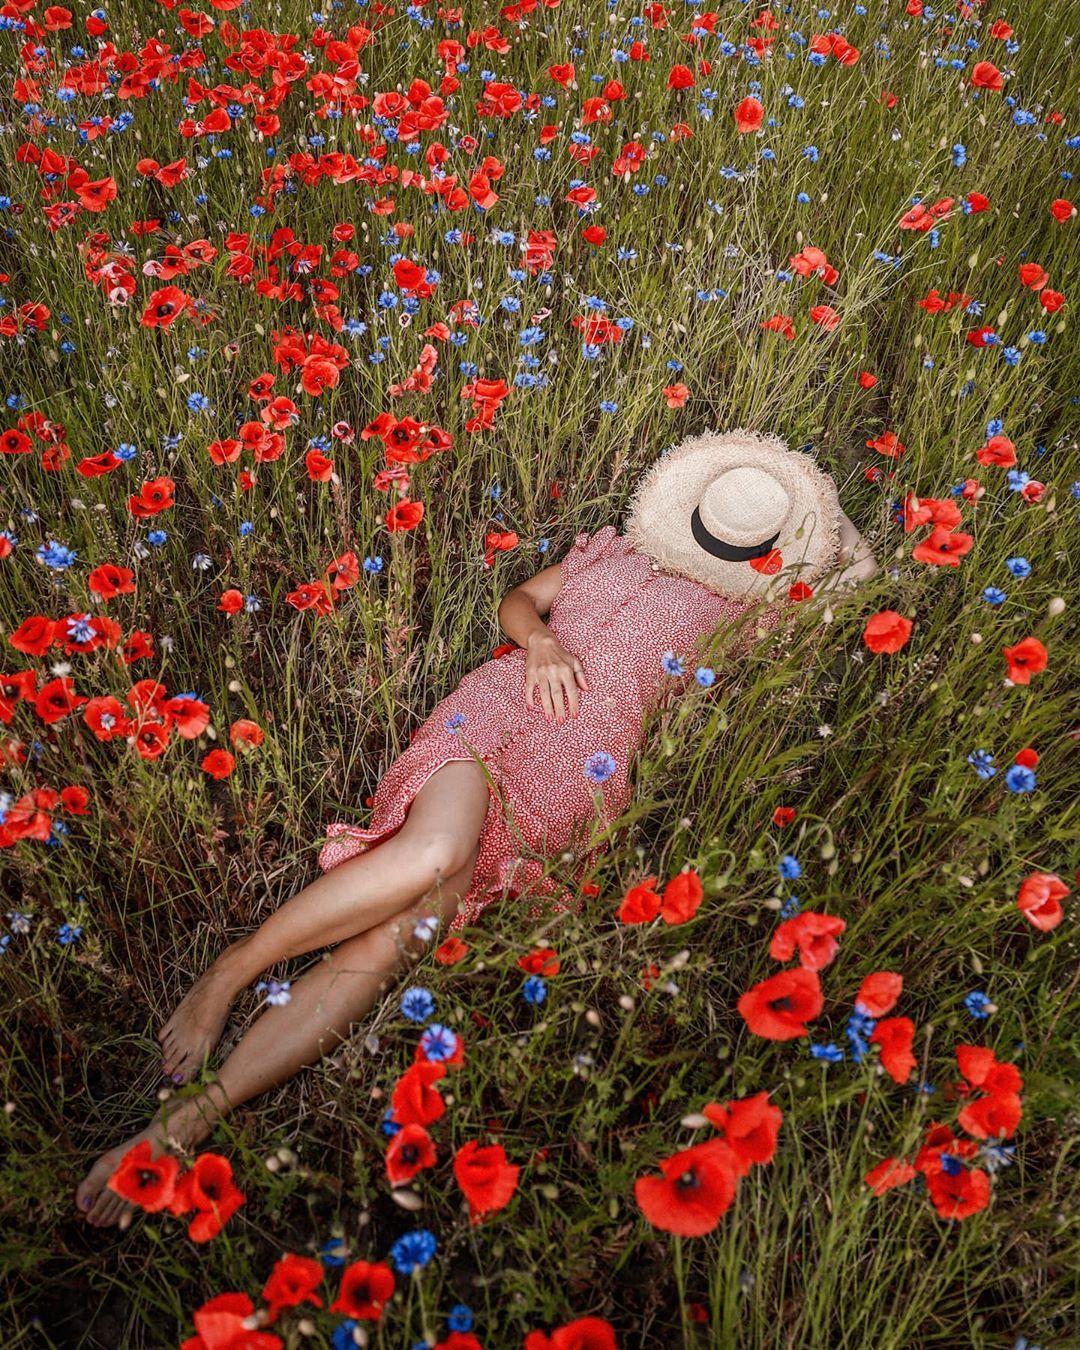 """Stefanie on Instagram: """"Das wäre ein perfekter Start in eine neue Woche ❤🌺🌸🌺❤🌺🌸🌺❤ . . . #floweraddict #hellofrom #justbefloral #träumenerlaubt #thetravelwomen…"""""""